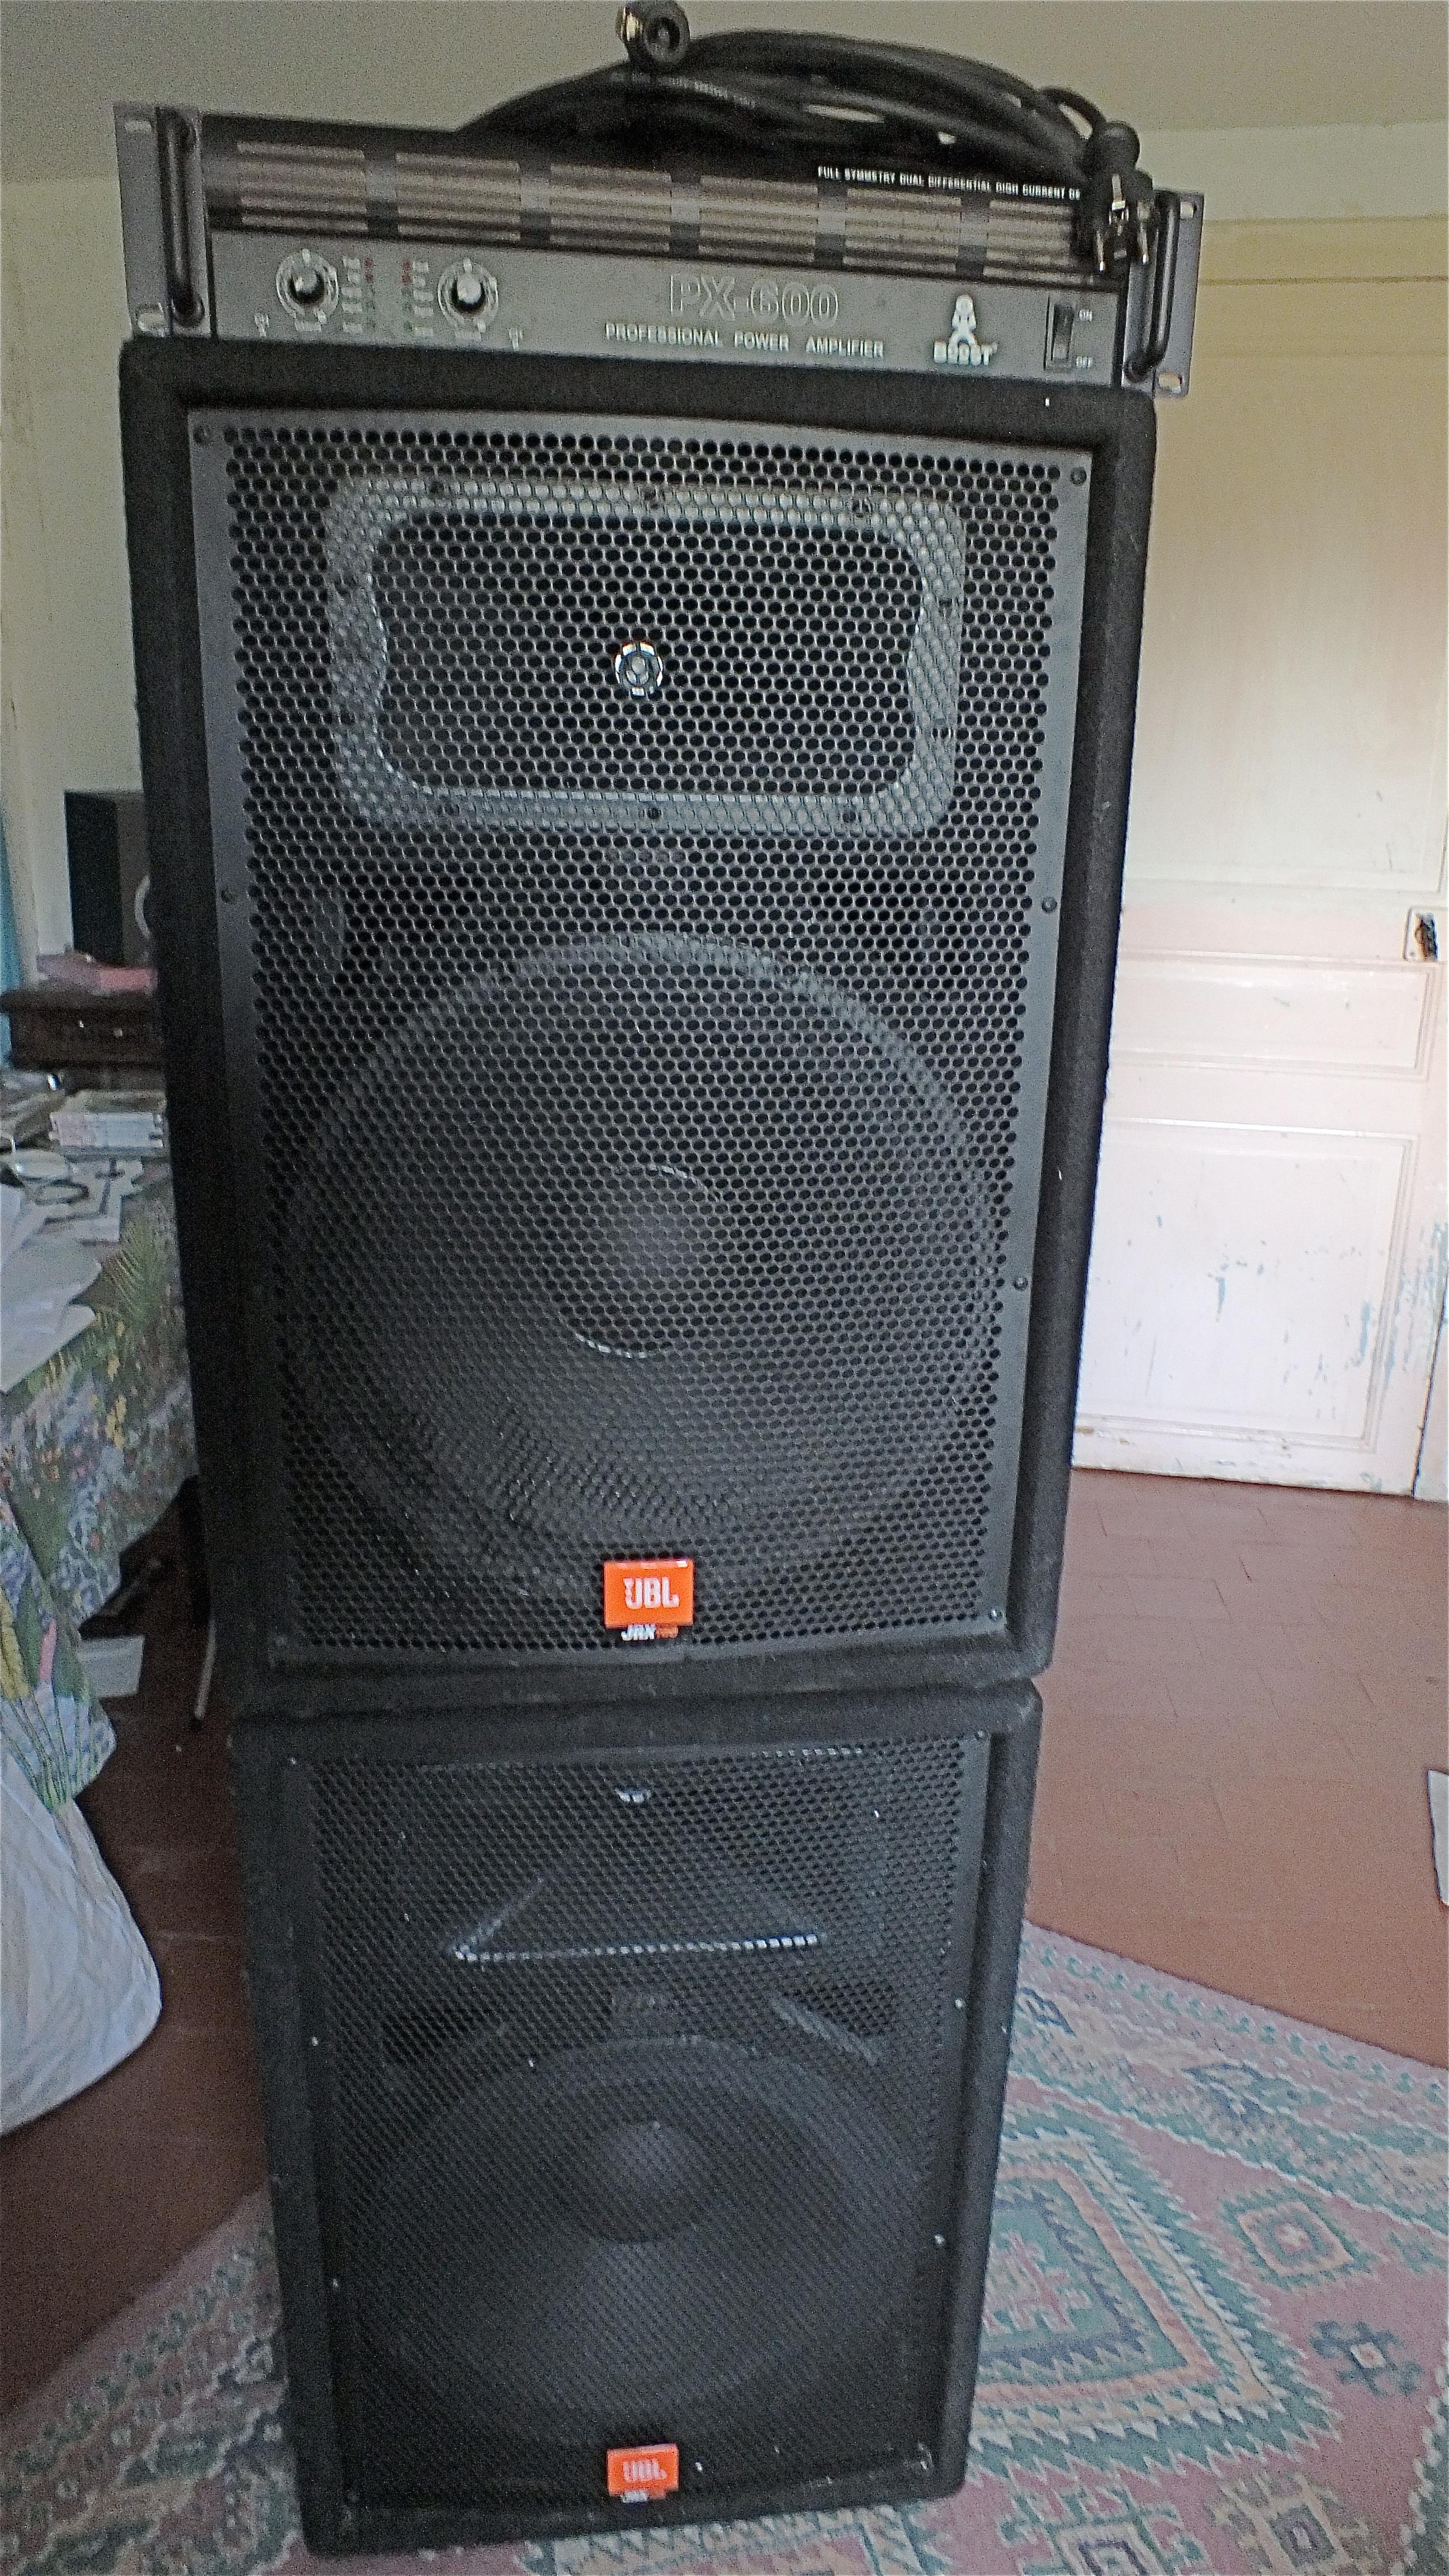 jbl jrx115. jbl jrx115 mouss.taforalt-49 images jbl jrx115 e